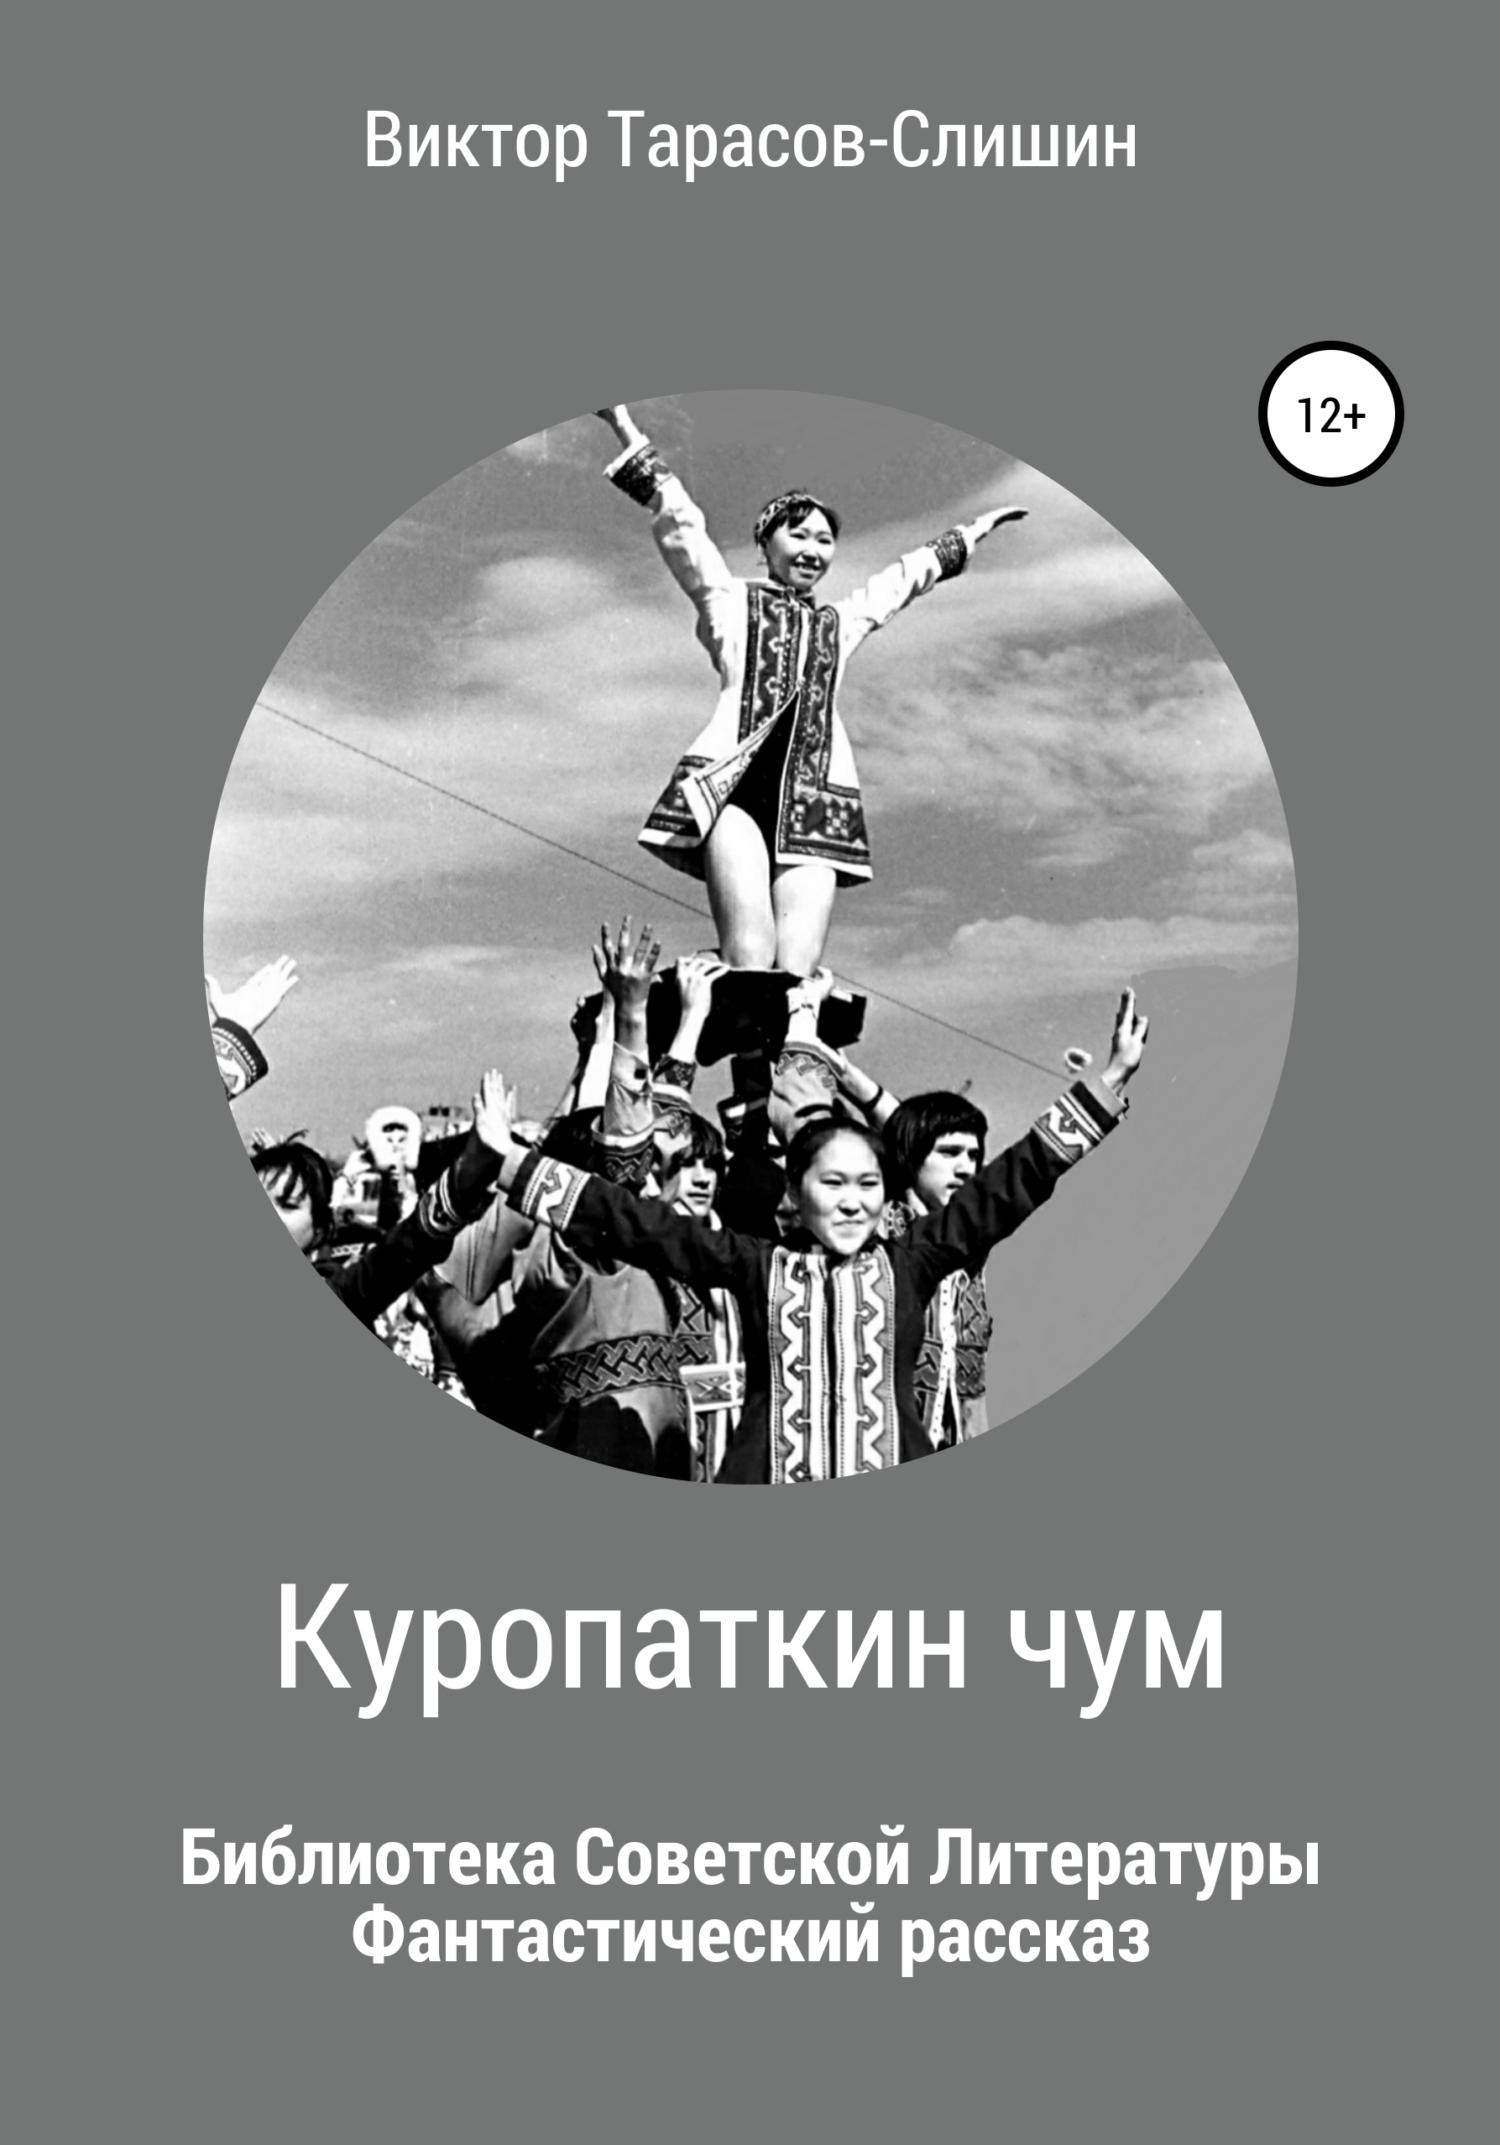 Виктор Тарасов-Слишин - Куропаткин чум